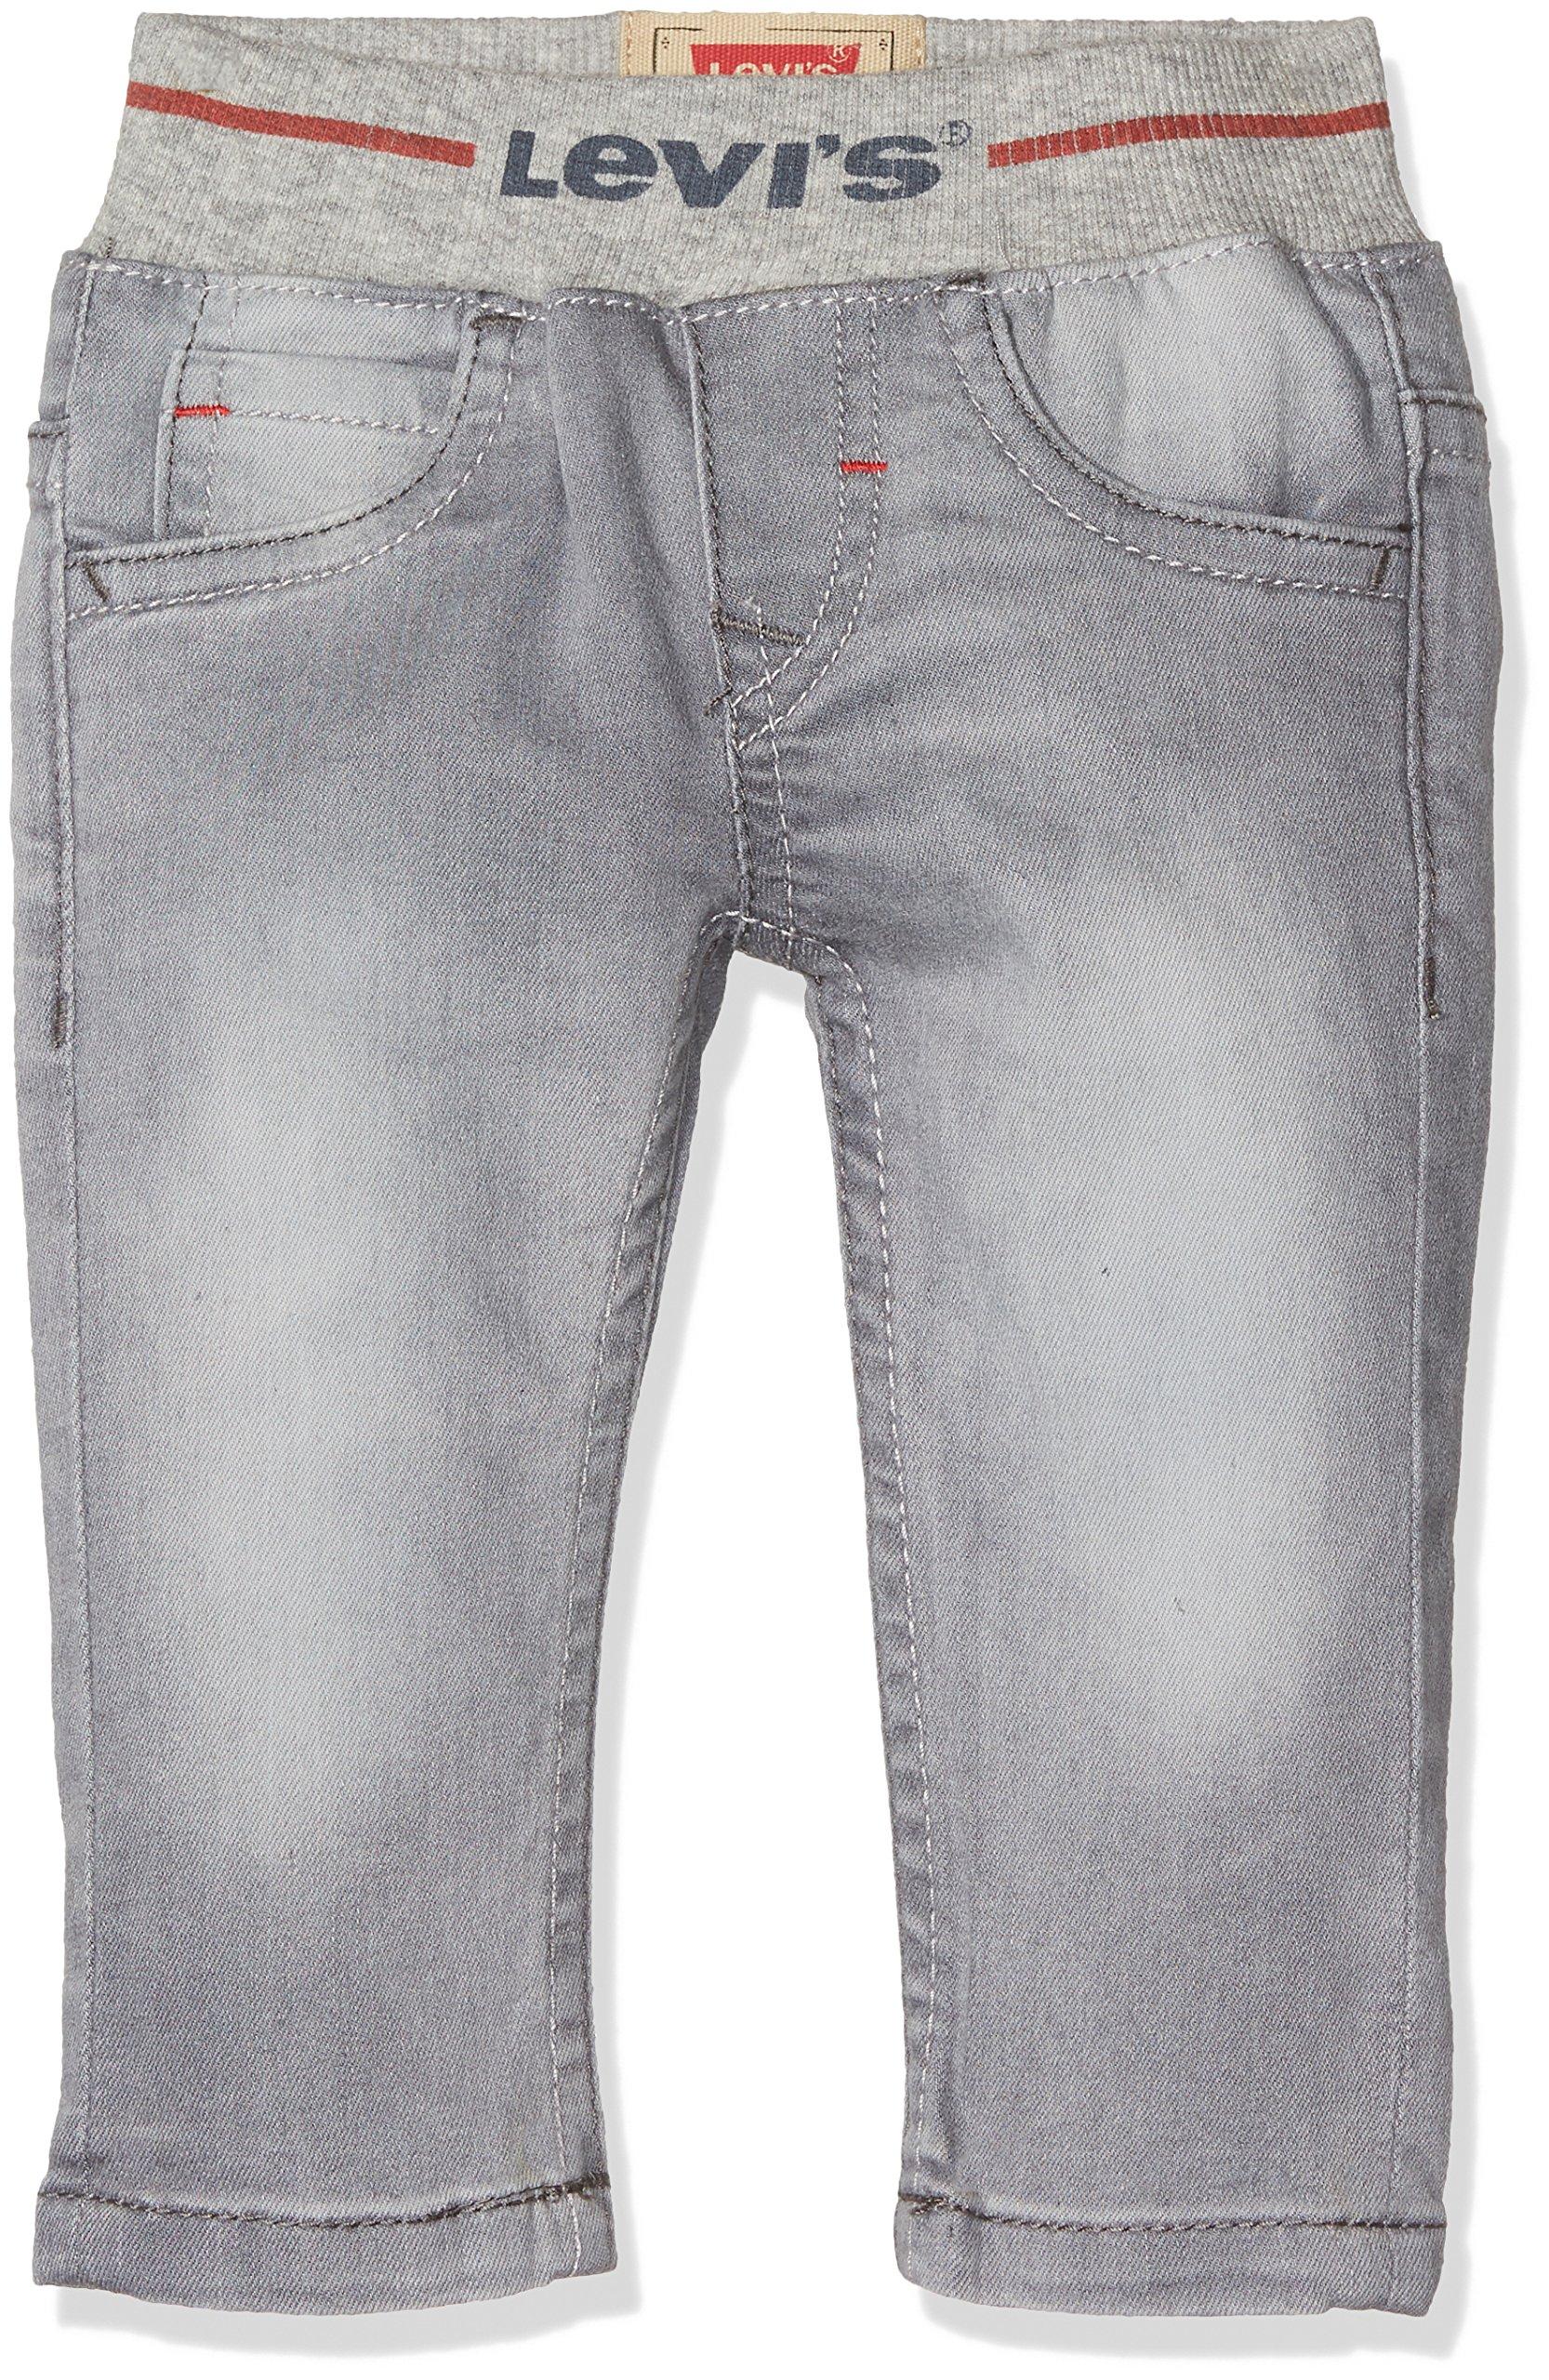 Levi's Pant Rudy Pantalones para Bebés